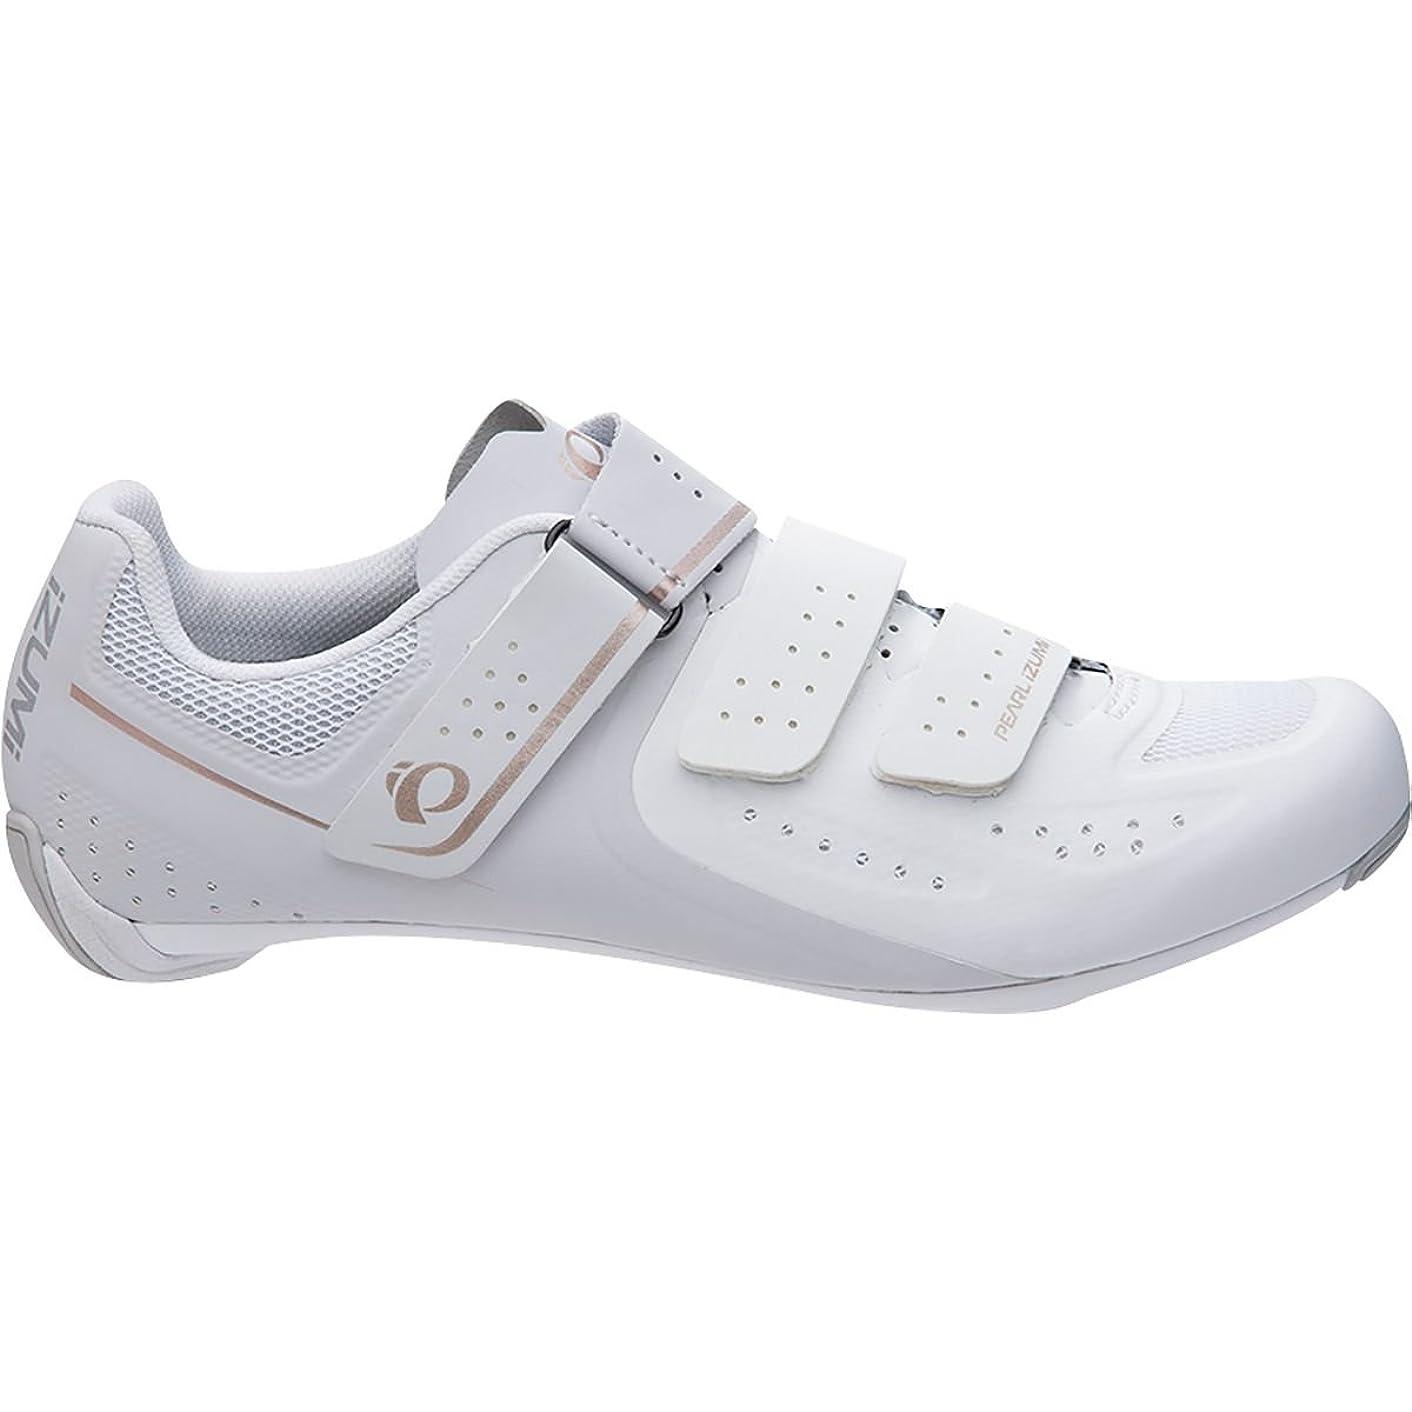 計画的逆にコロニアル[パールイズミ] レディース サイクリング SELECT Road V5 Cycling Shoe - Women's [並行輸入品]